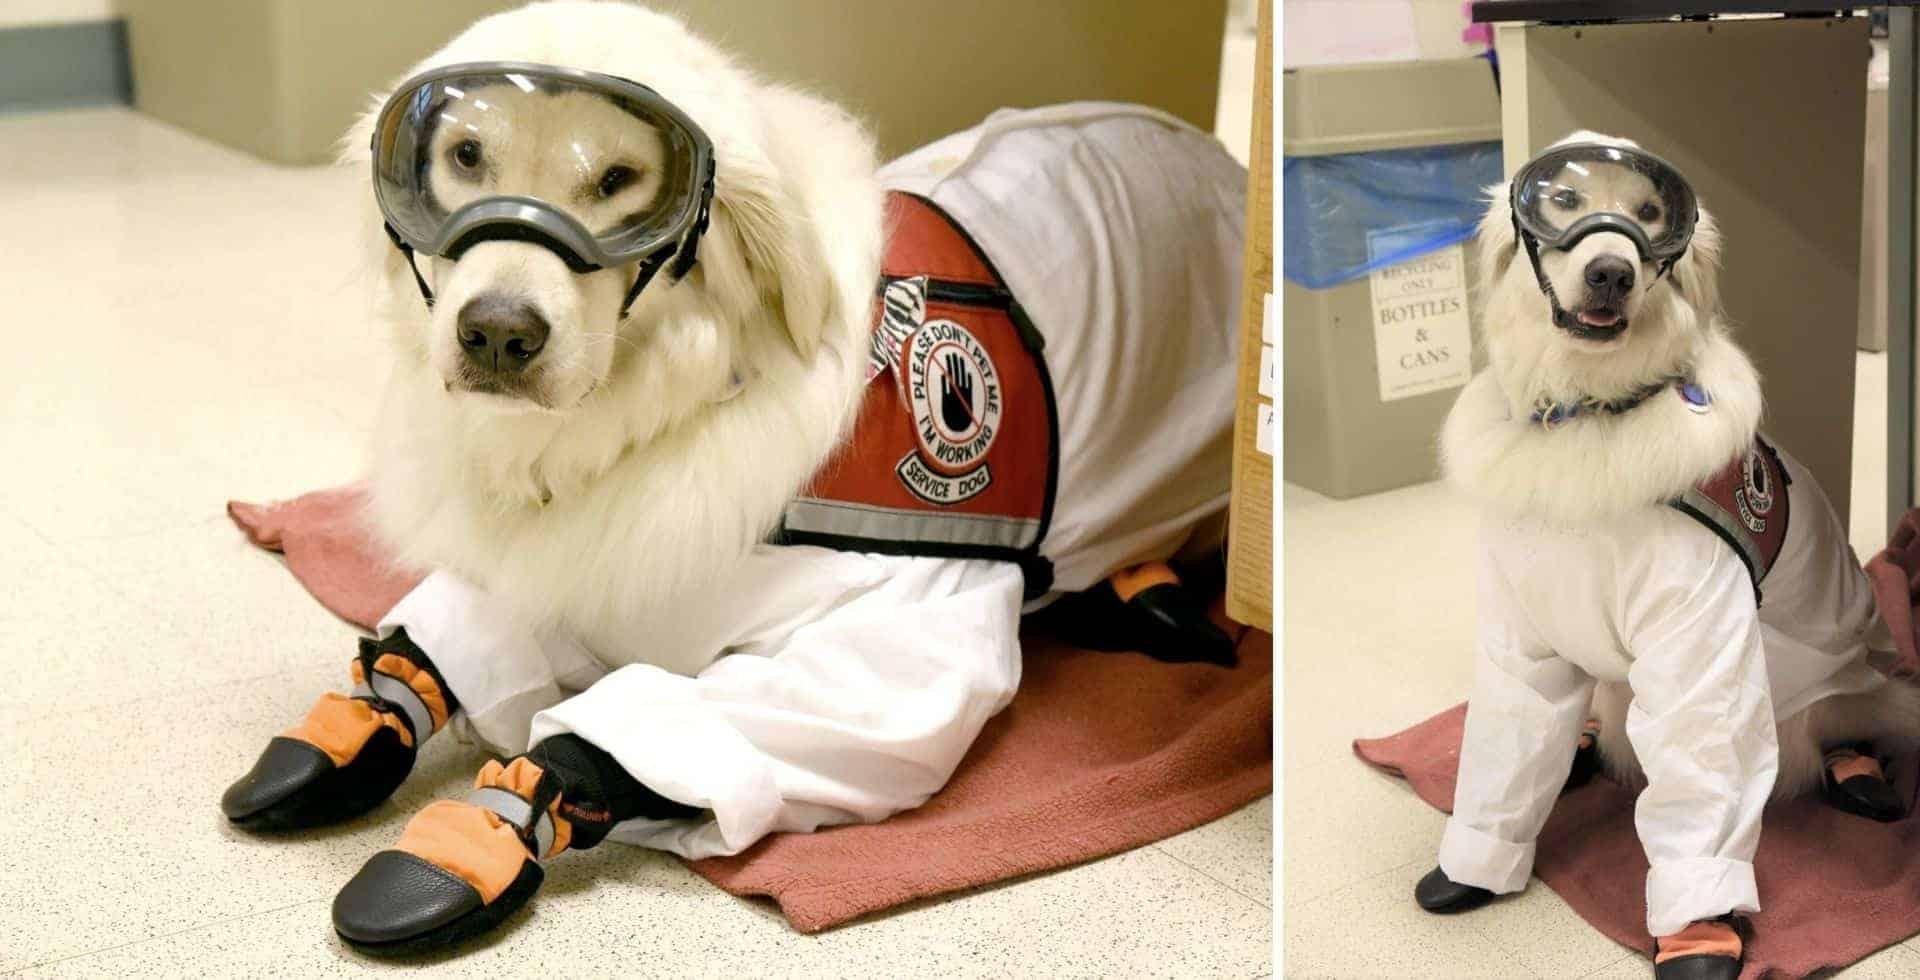 Este perro de servicio aprendió a usar el equipo de protección personal para poder ayudar a su dueña en el laboratorio